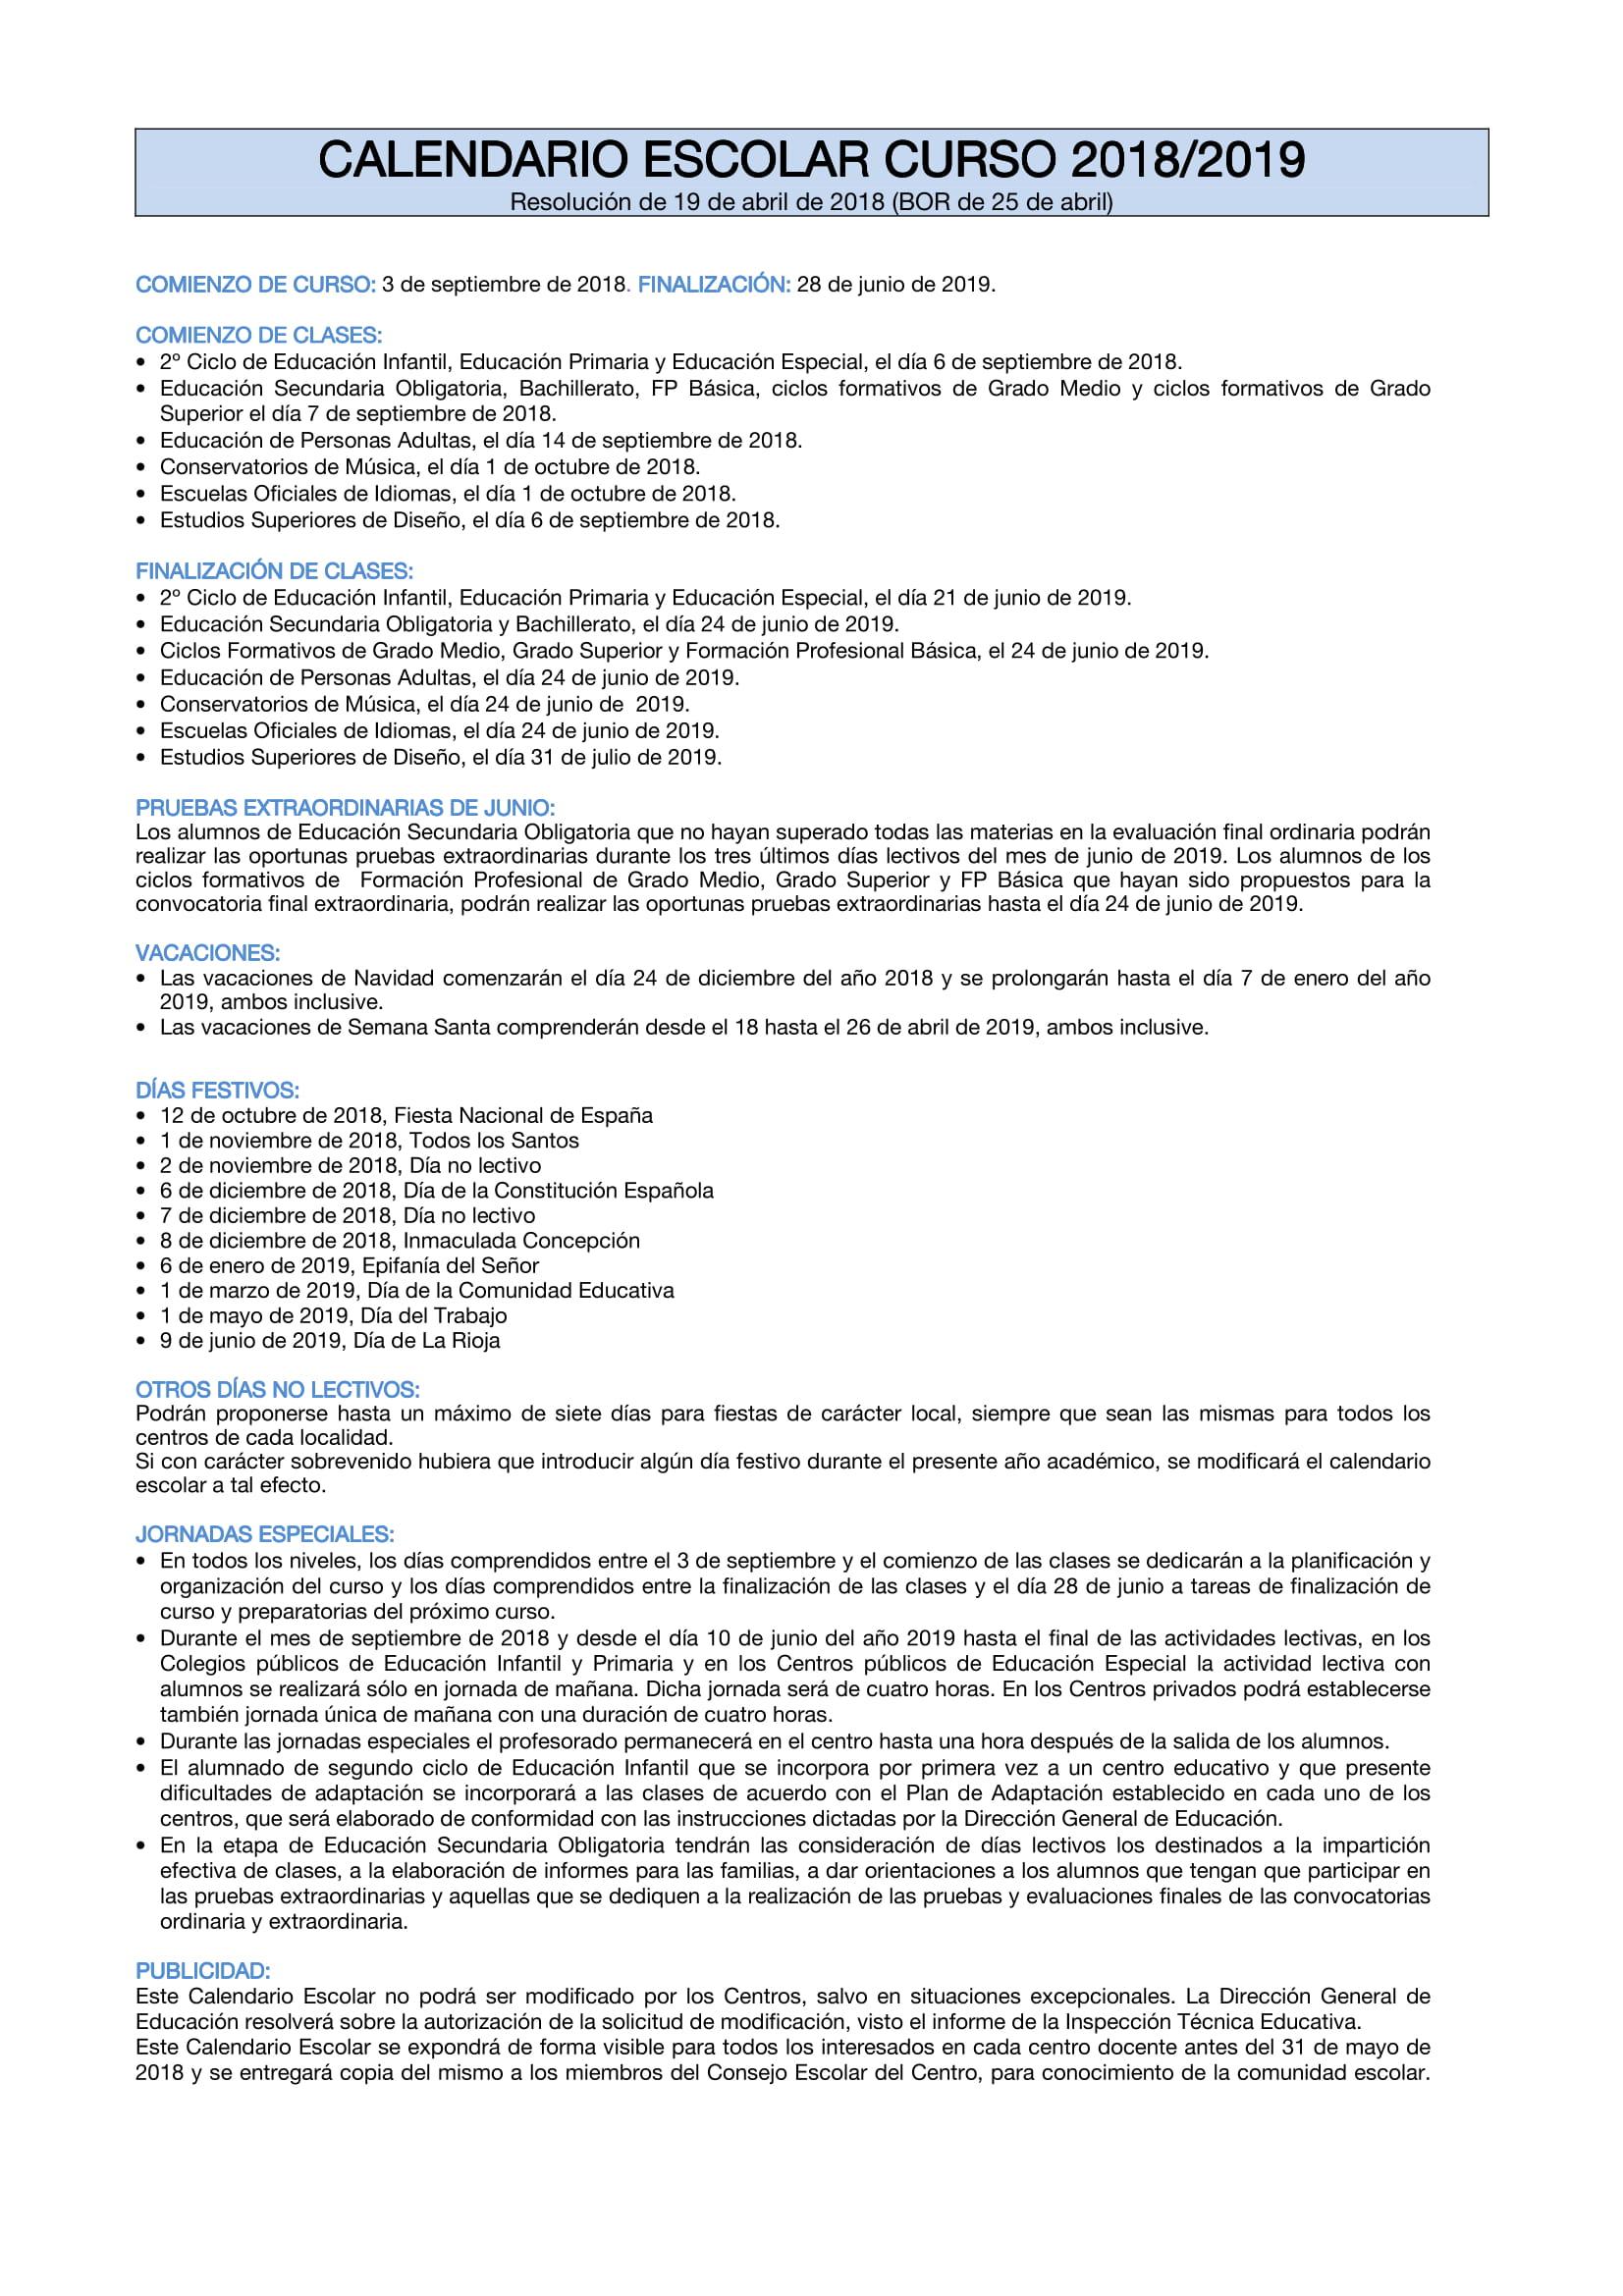 Calendario Laboral Tenerife 2019.Calendario Academico 2018 2019 I E S La Laboral Lardero La